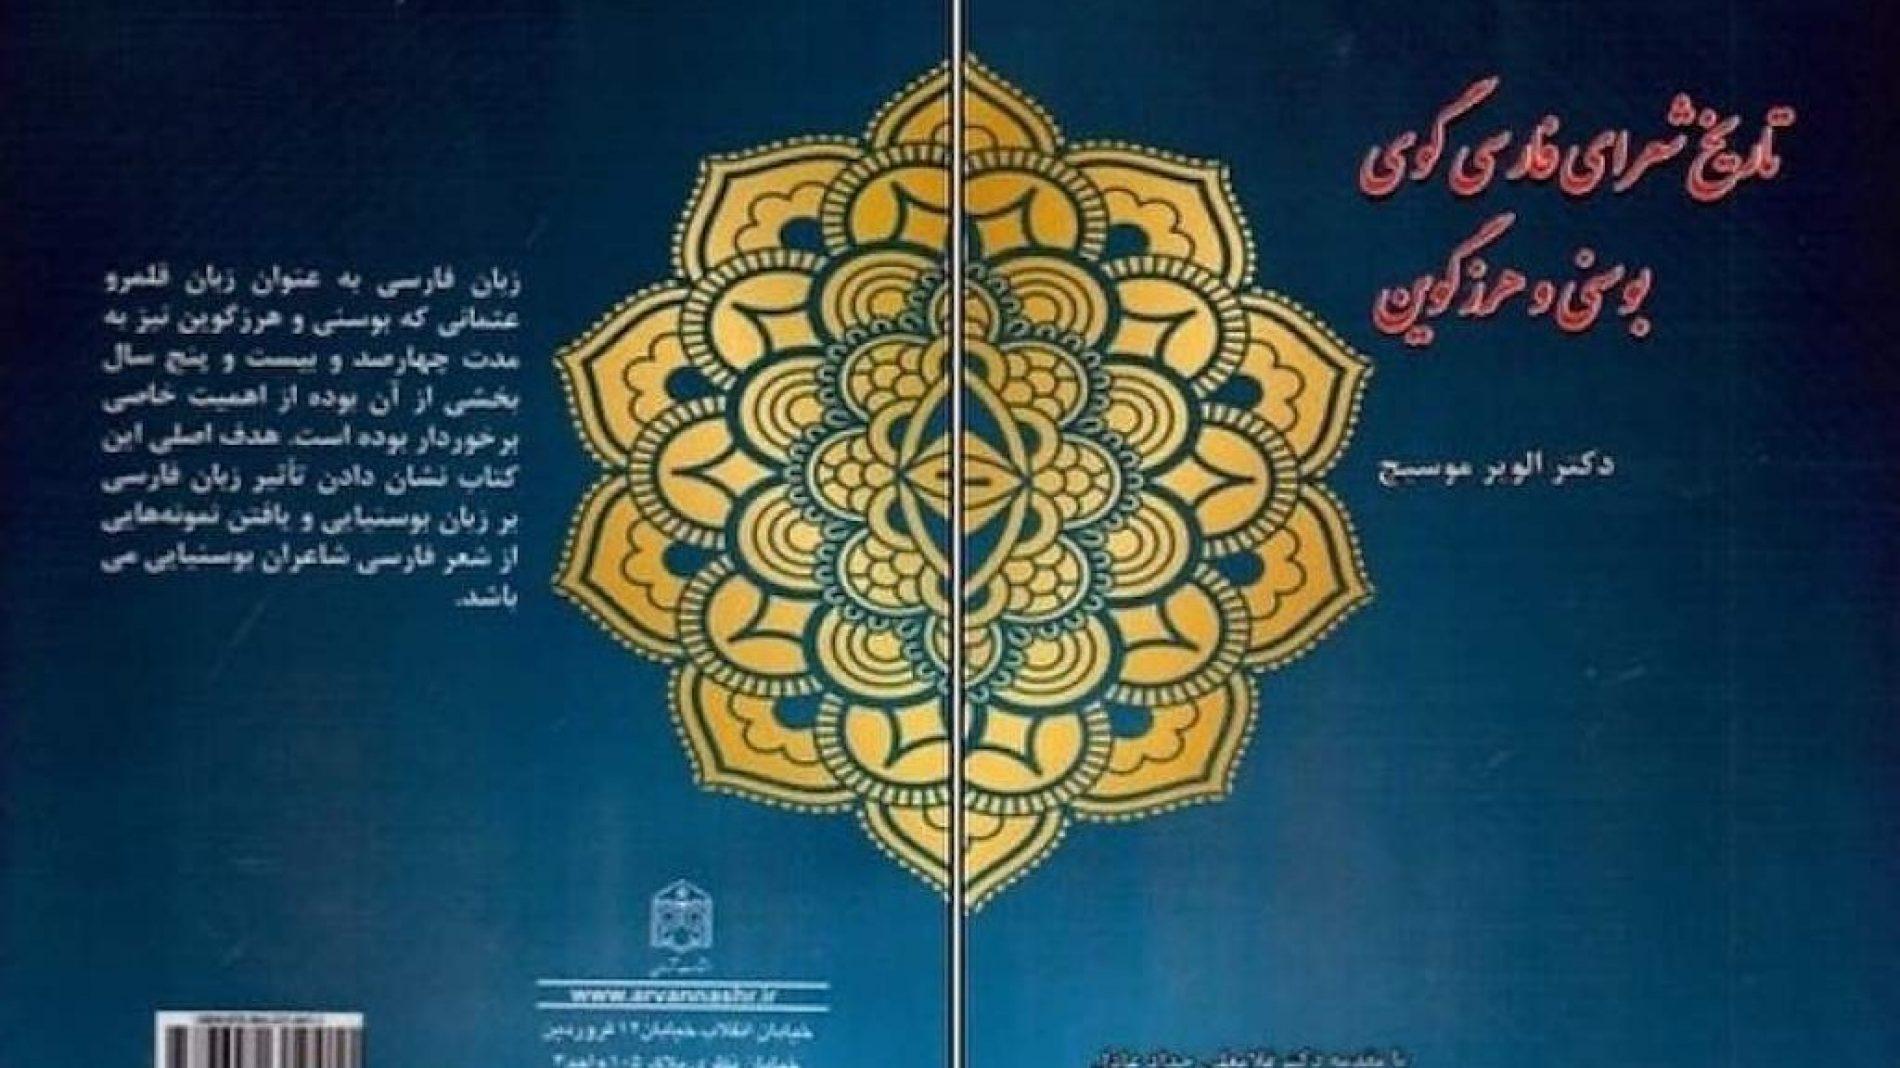 Objavljena knjiga na perzijskom jeziku Elvira Musića o bosanskim pjesnicima